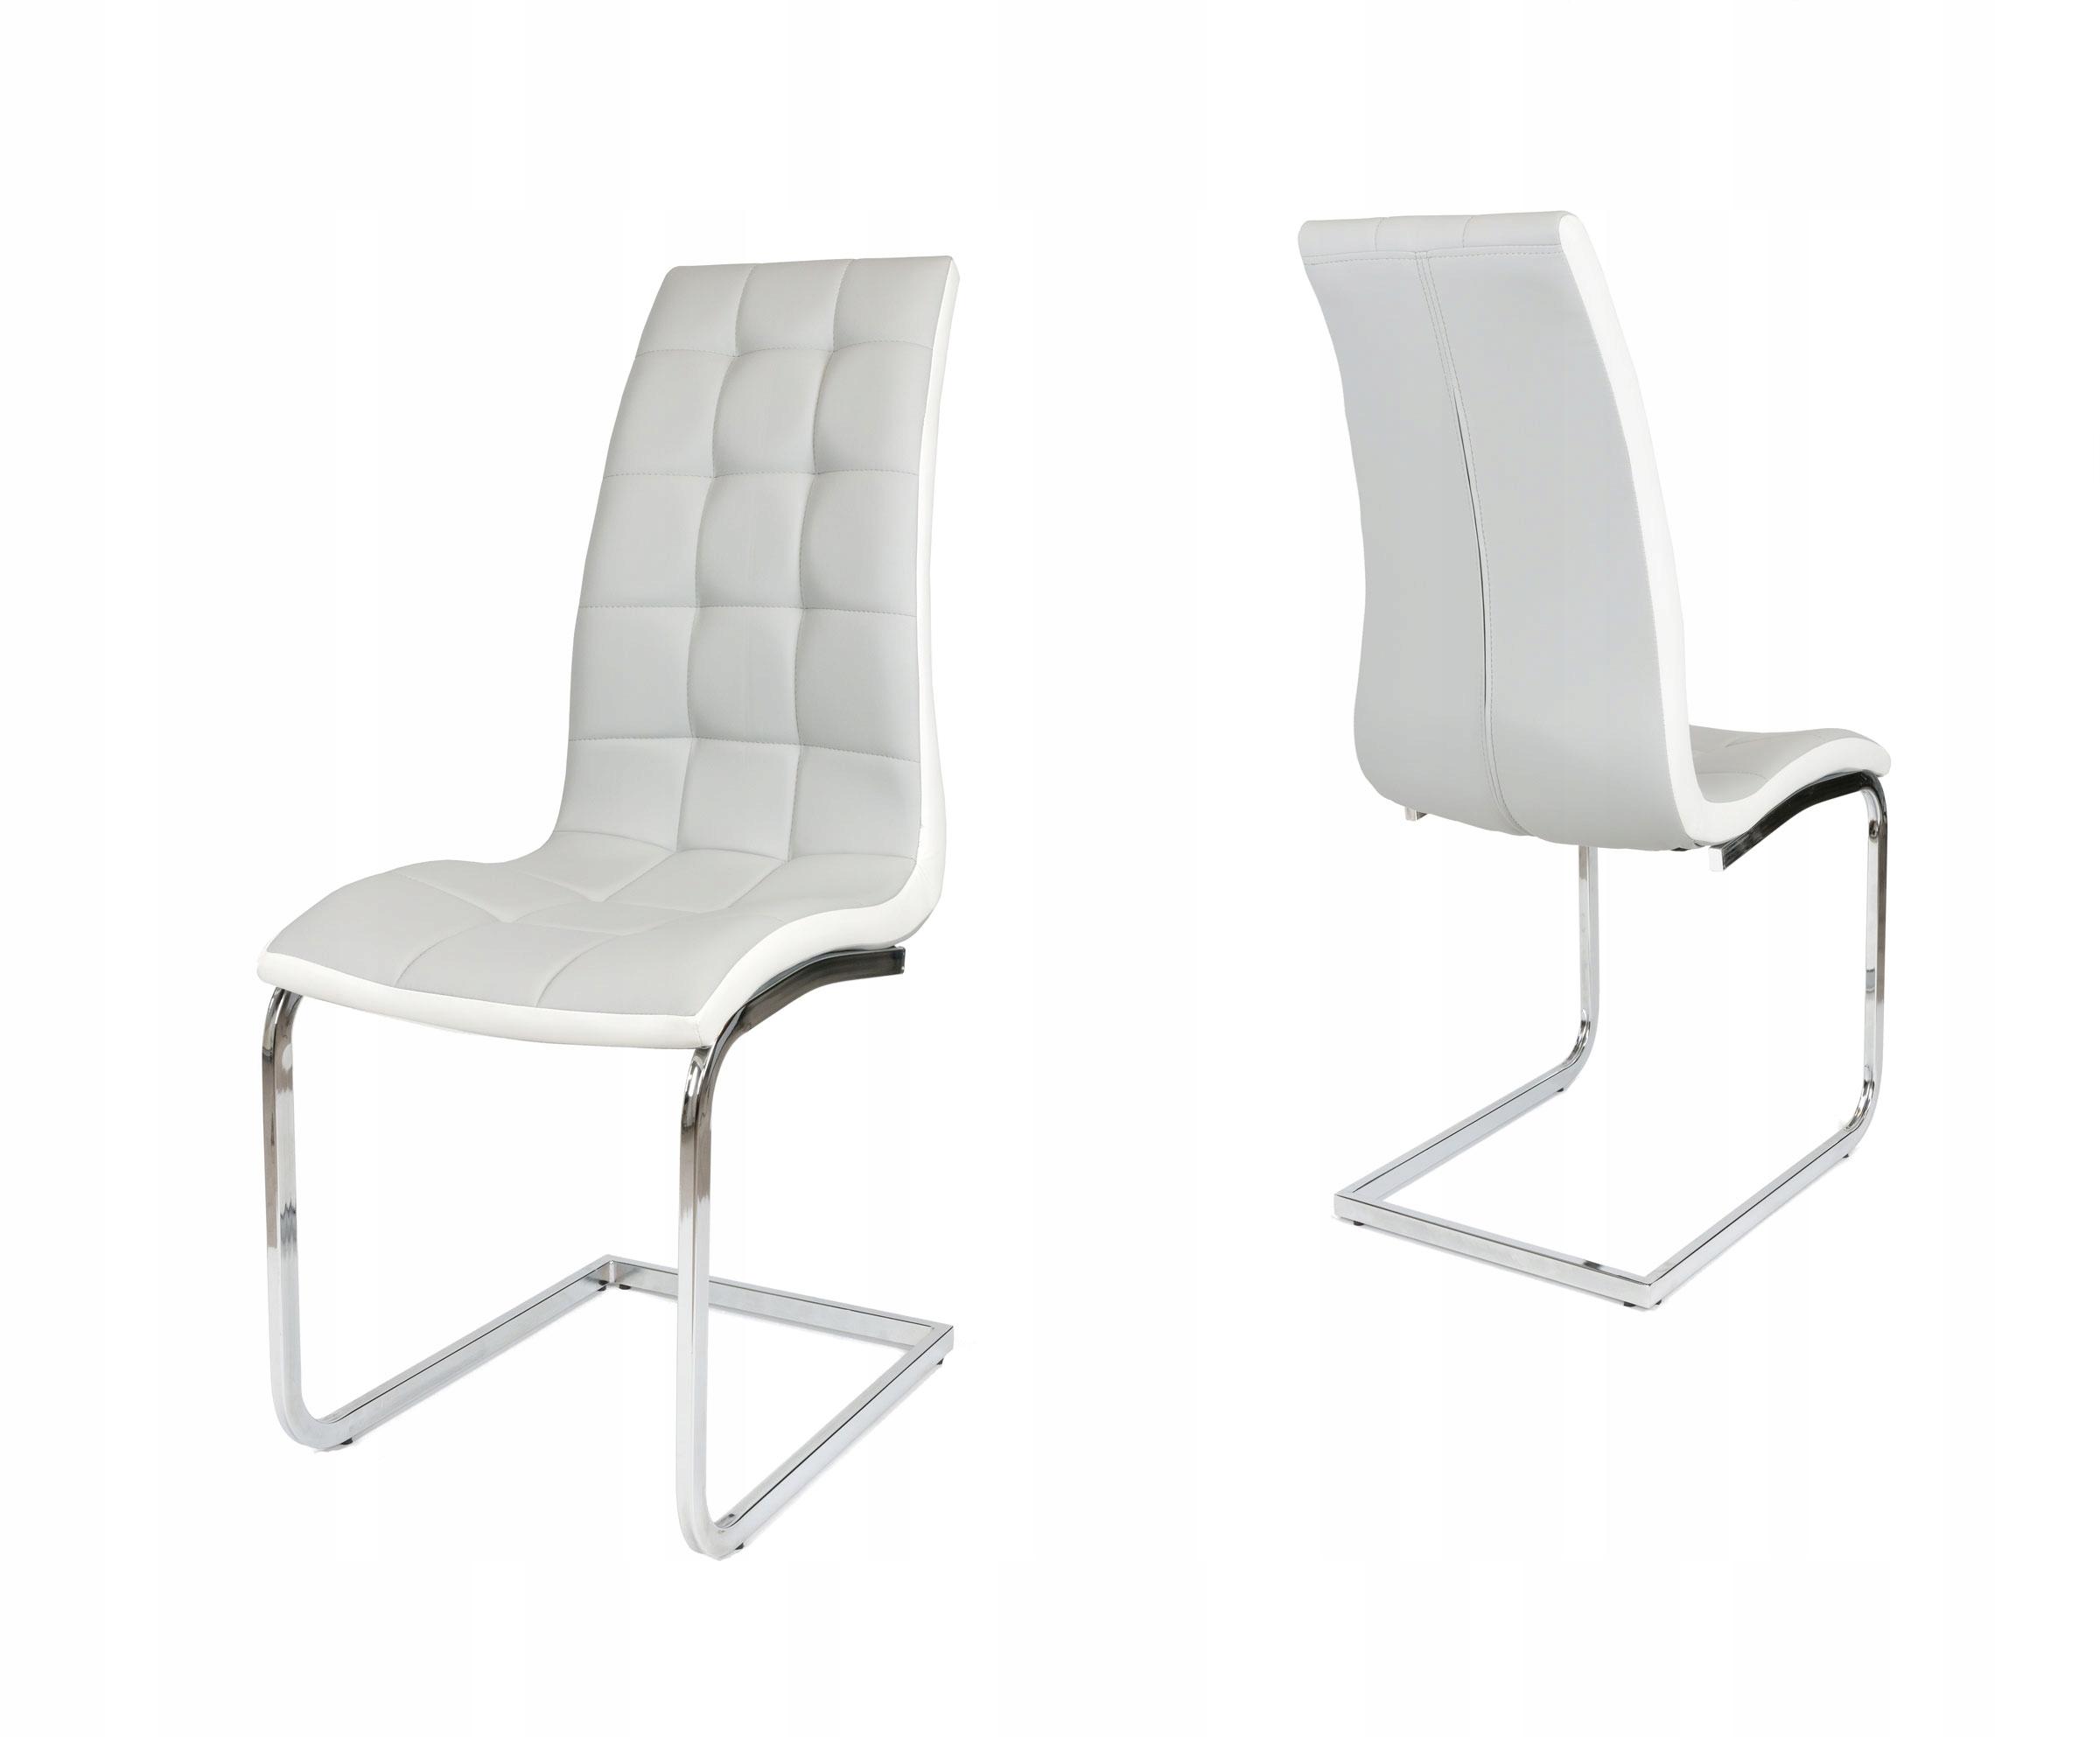 Jasnoszare krzesło do kuchni chrom bujak KS027 JSZ